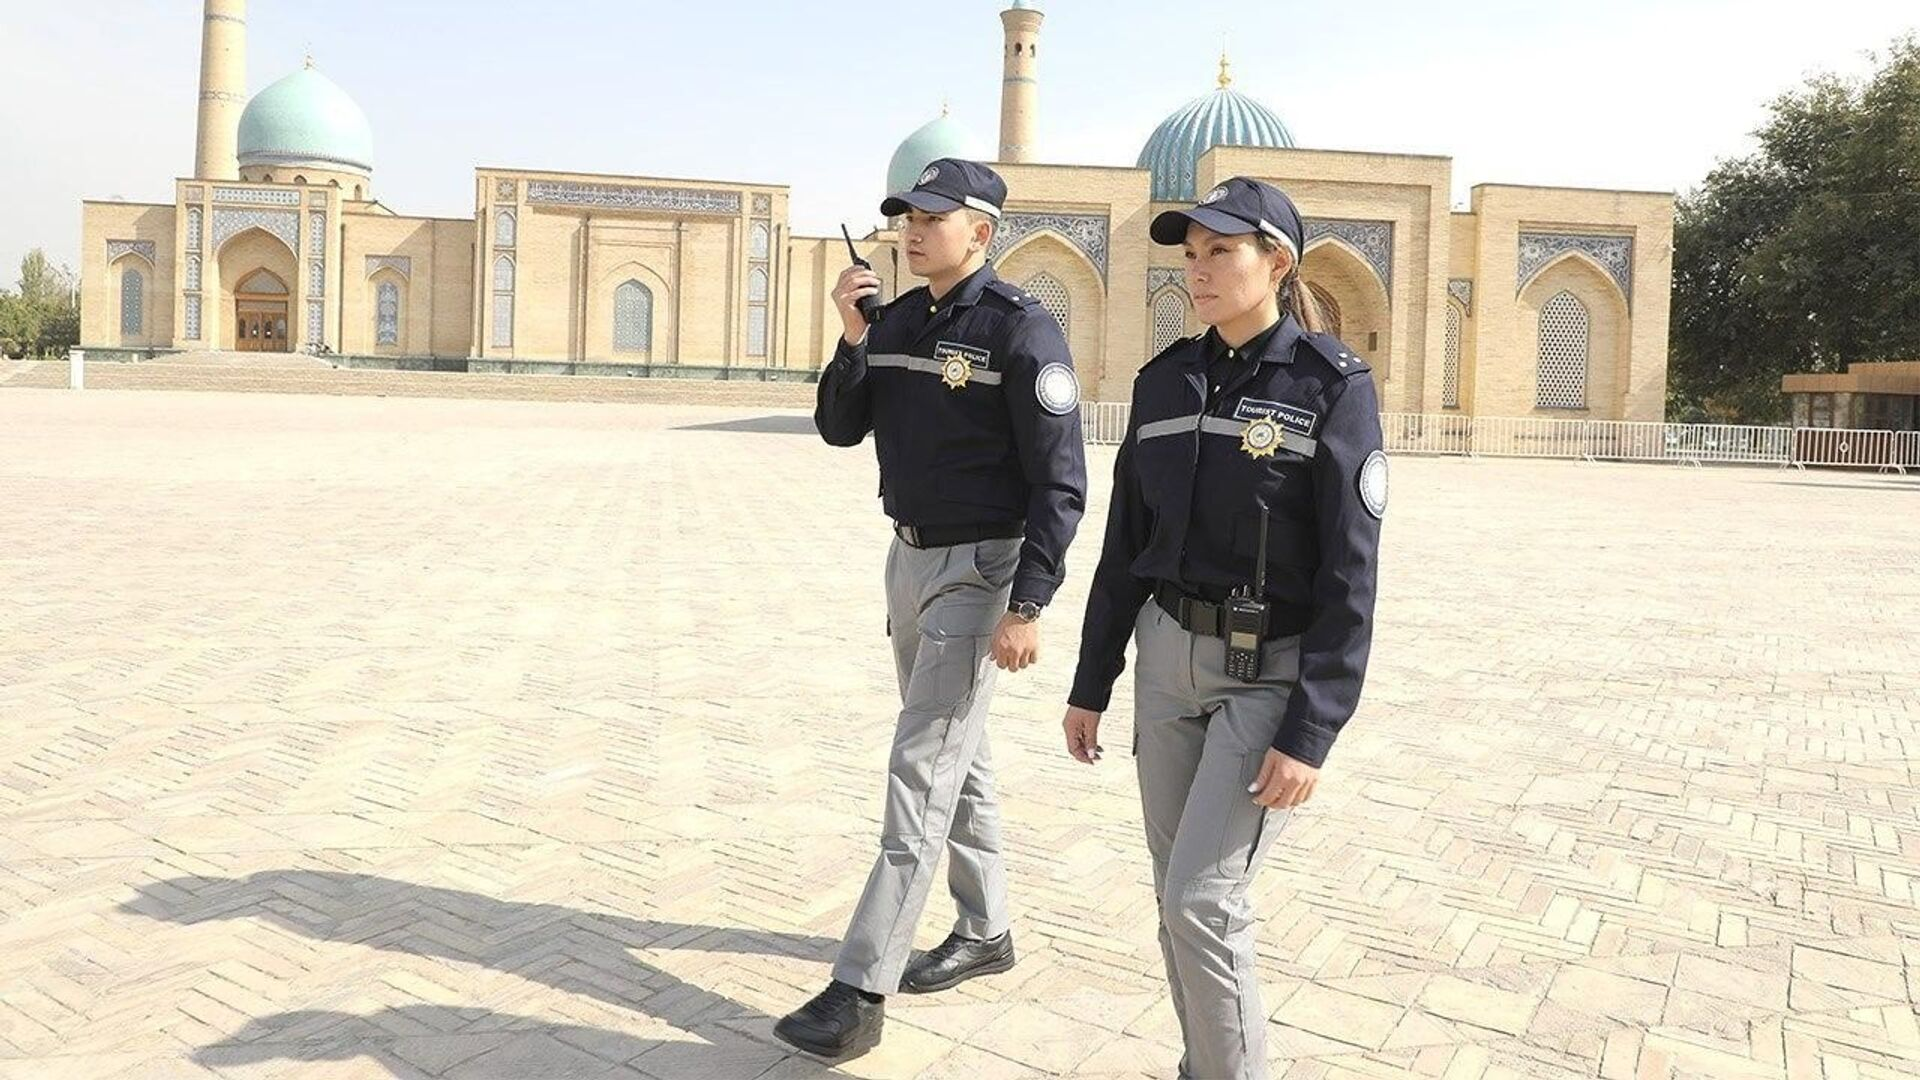 Туристическая полиция Узбекистана тестирует новую форму - Sputnik Ўзбекистон, 1920, 07.08.2021